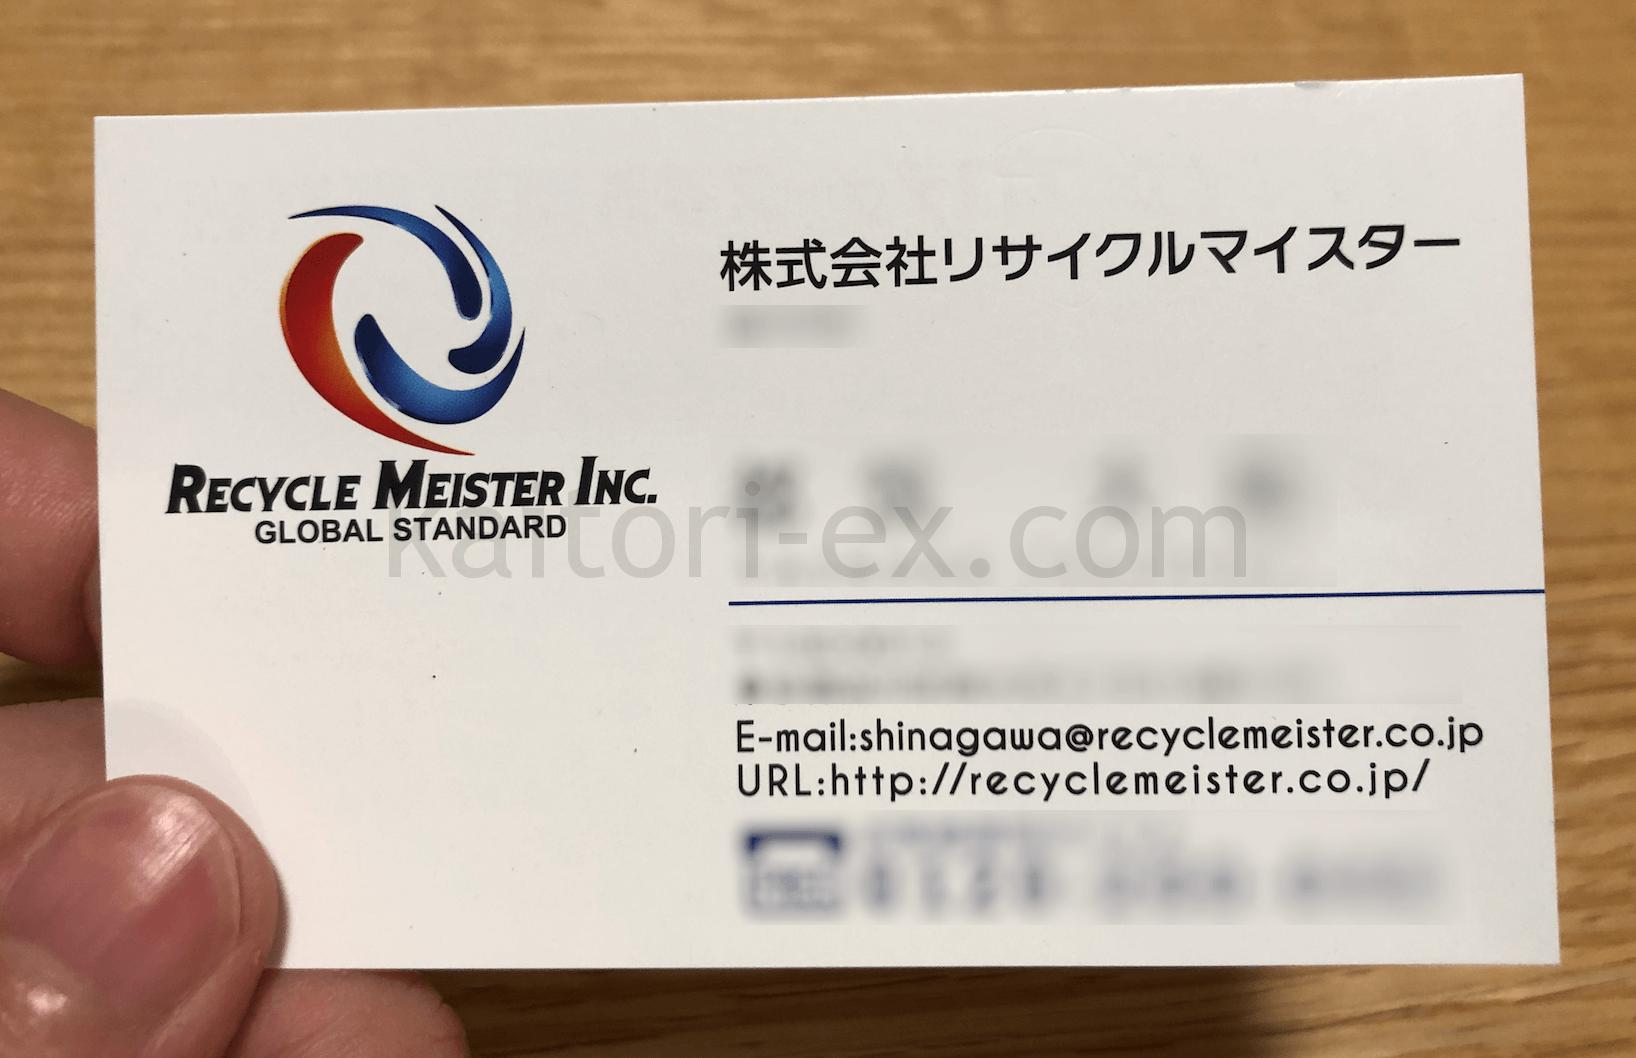 奏屋の名刺(会社名:株式会社リサイクルマイスター)